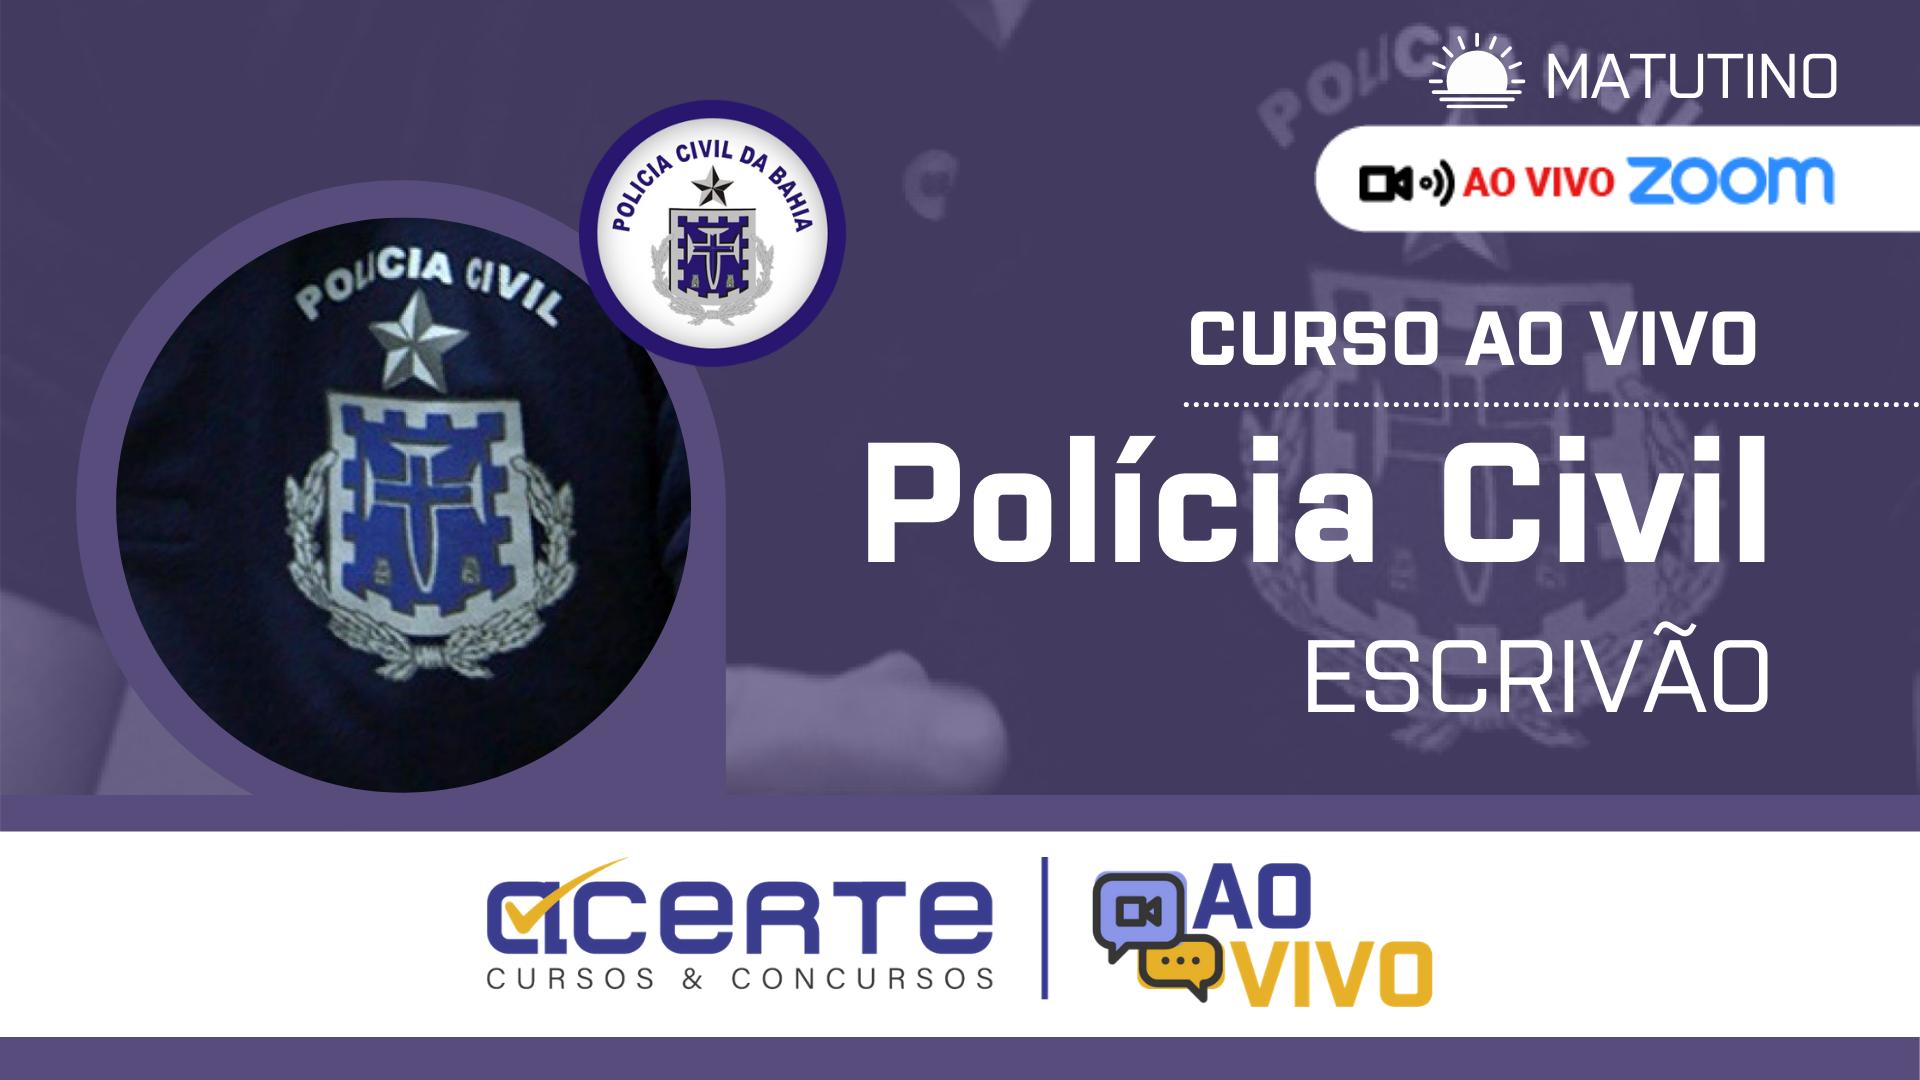 Polícia Civil - PC - Escrivão AO VIVO - Matutino